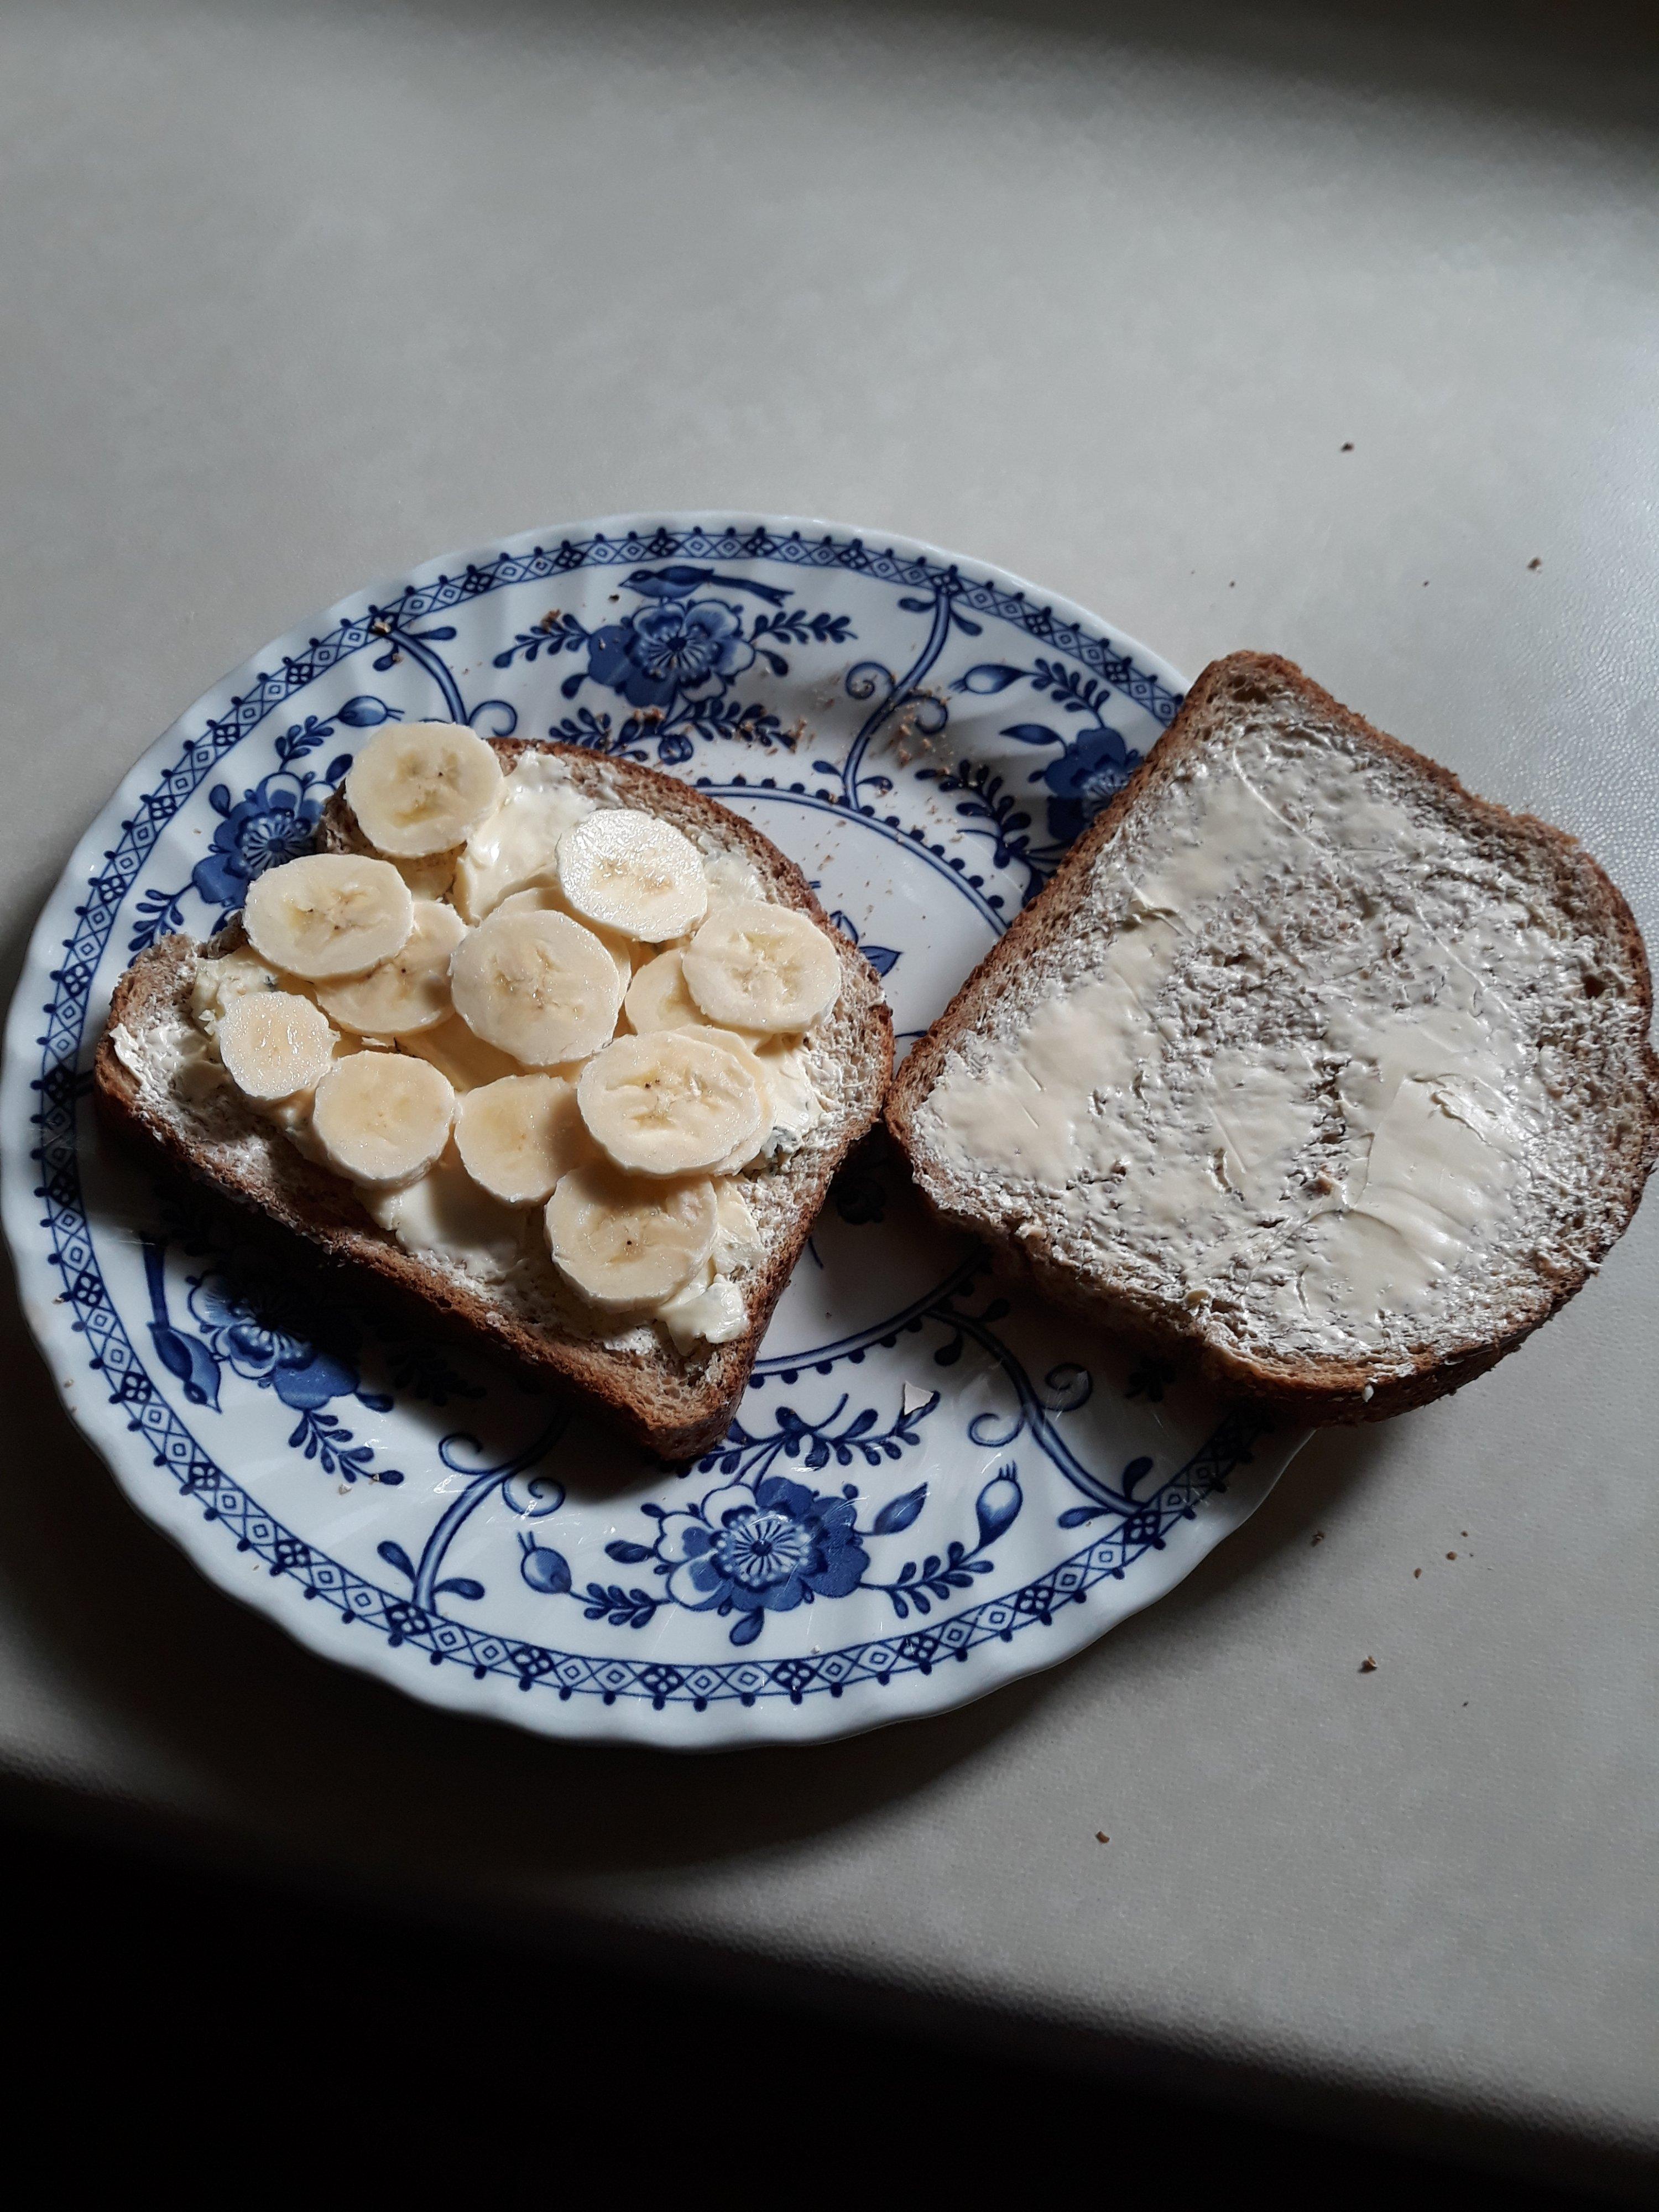 banana cheese.jpg